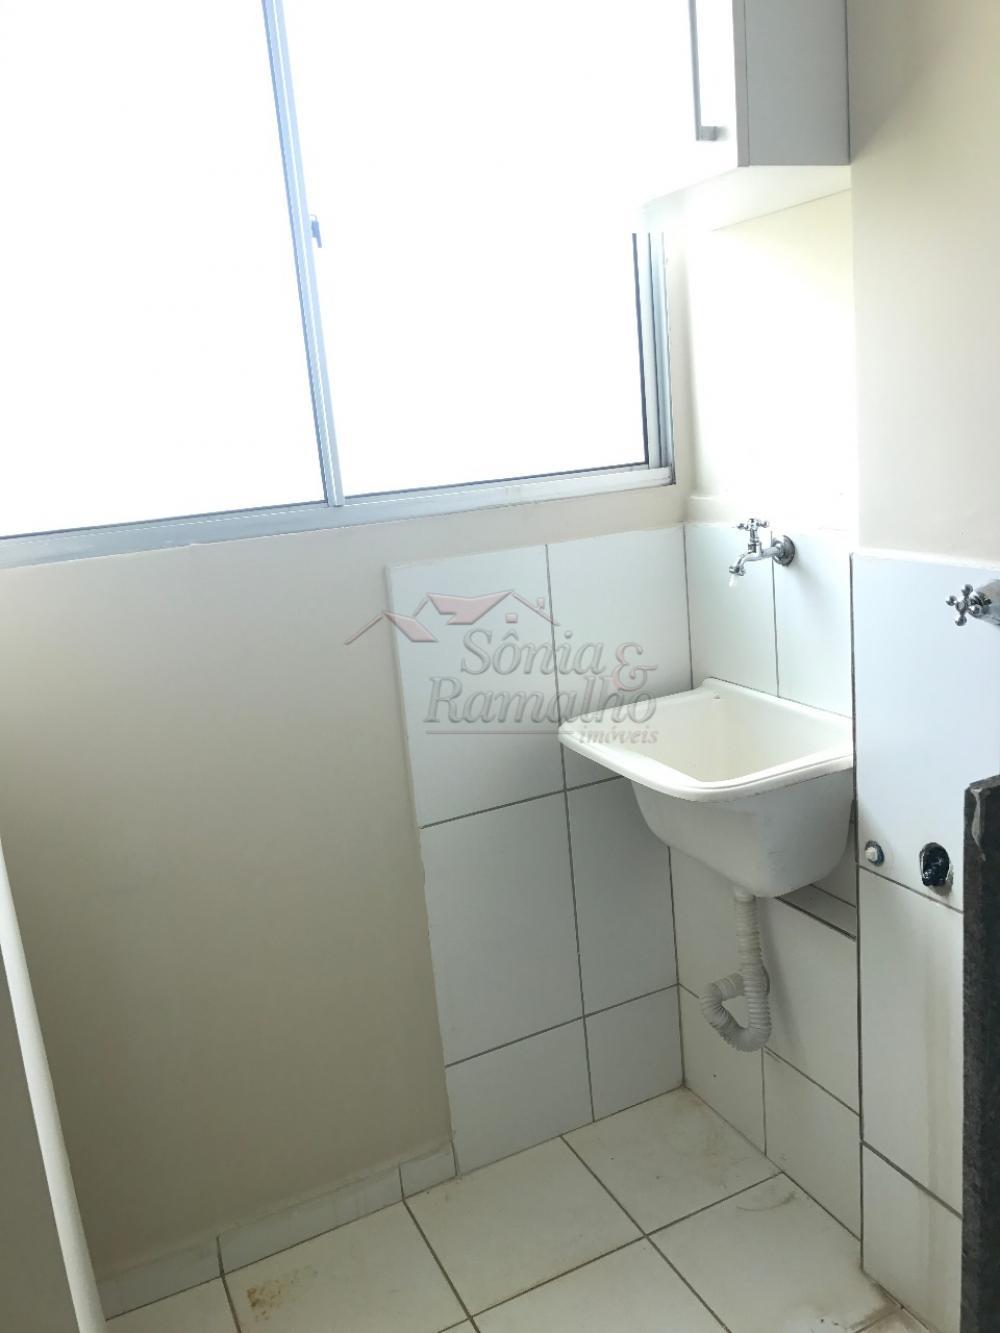 Comprar Apartamentos / Padrão em Ribeirão Preto apenas R$ 280.000,00 - Foto 6